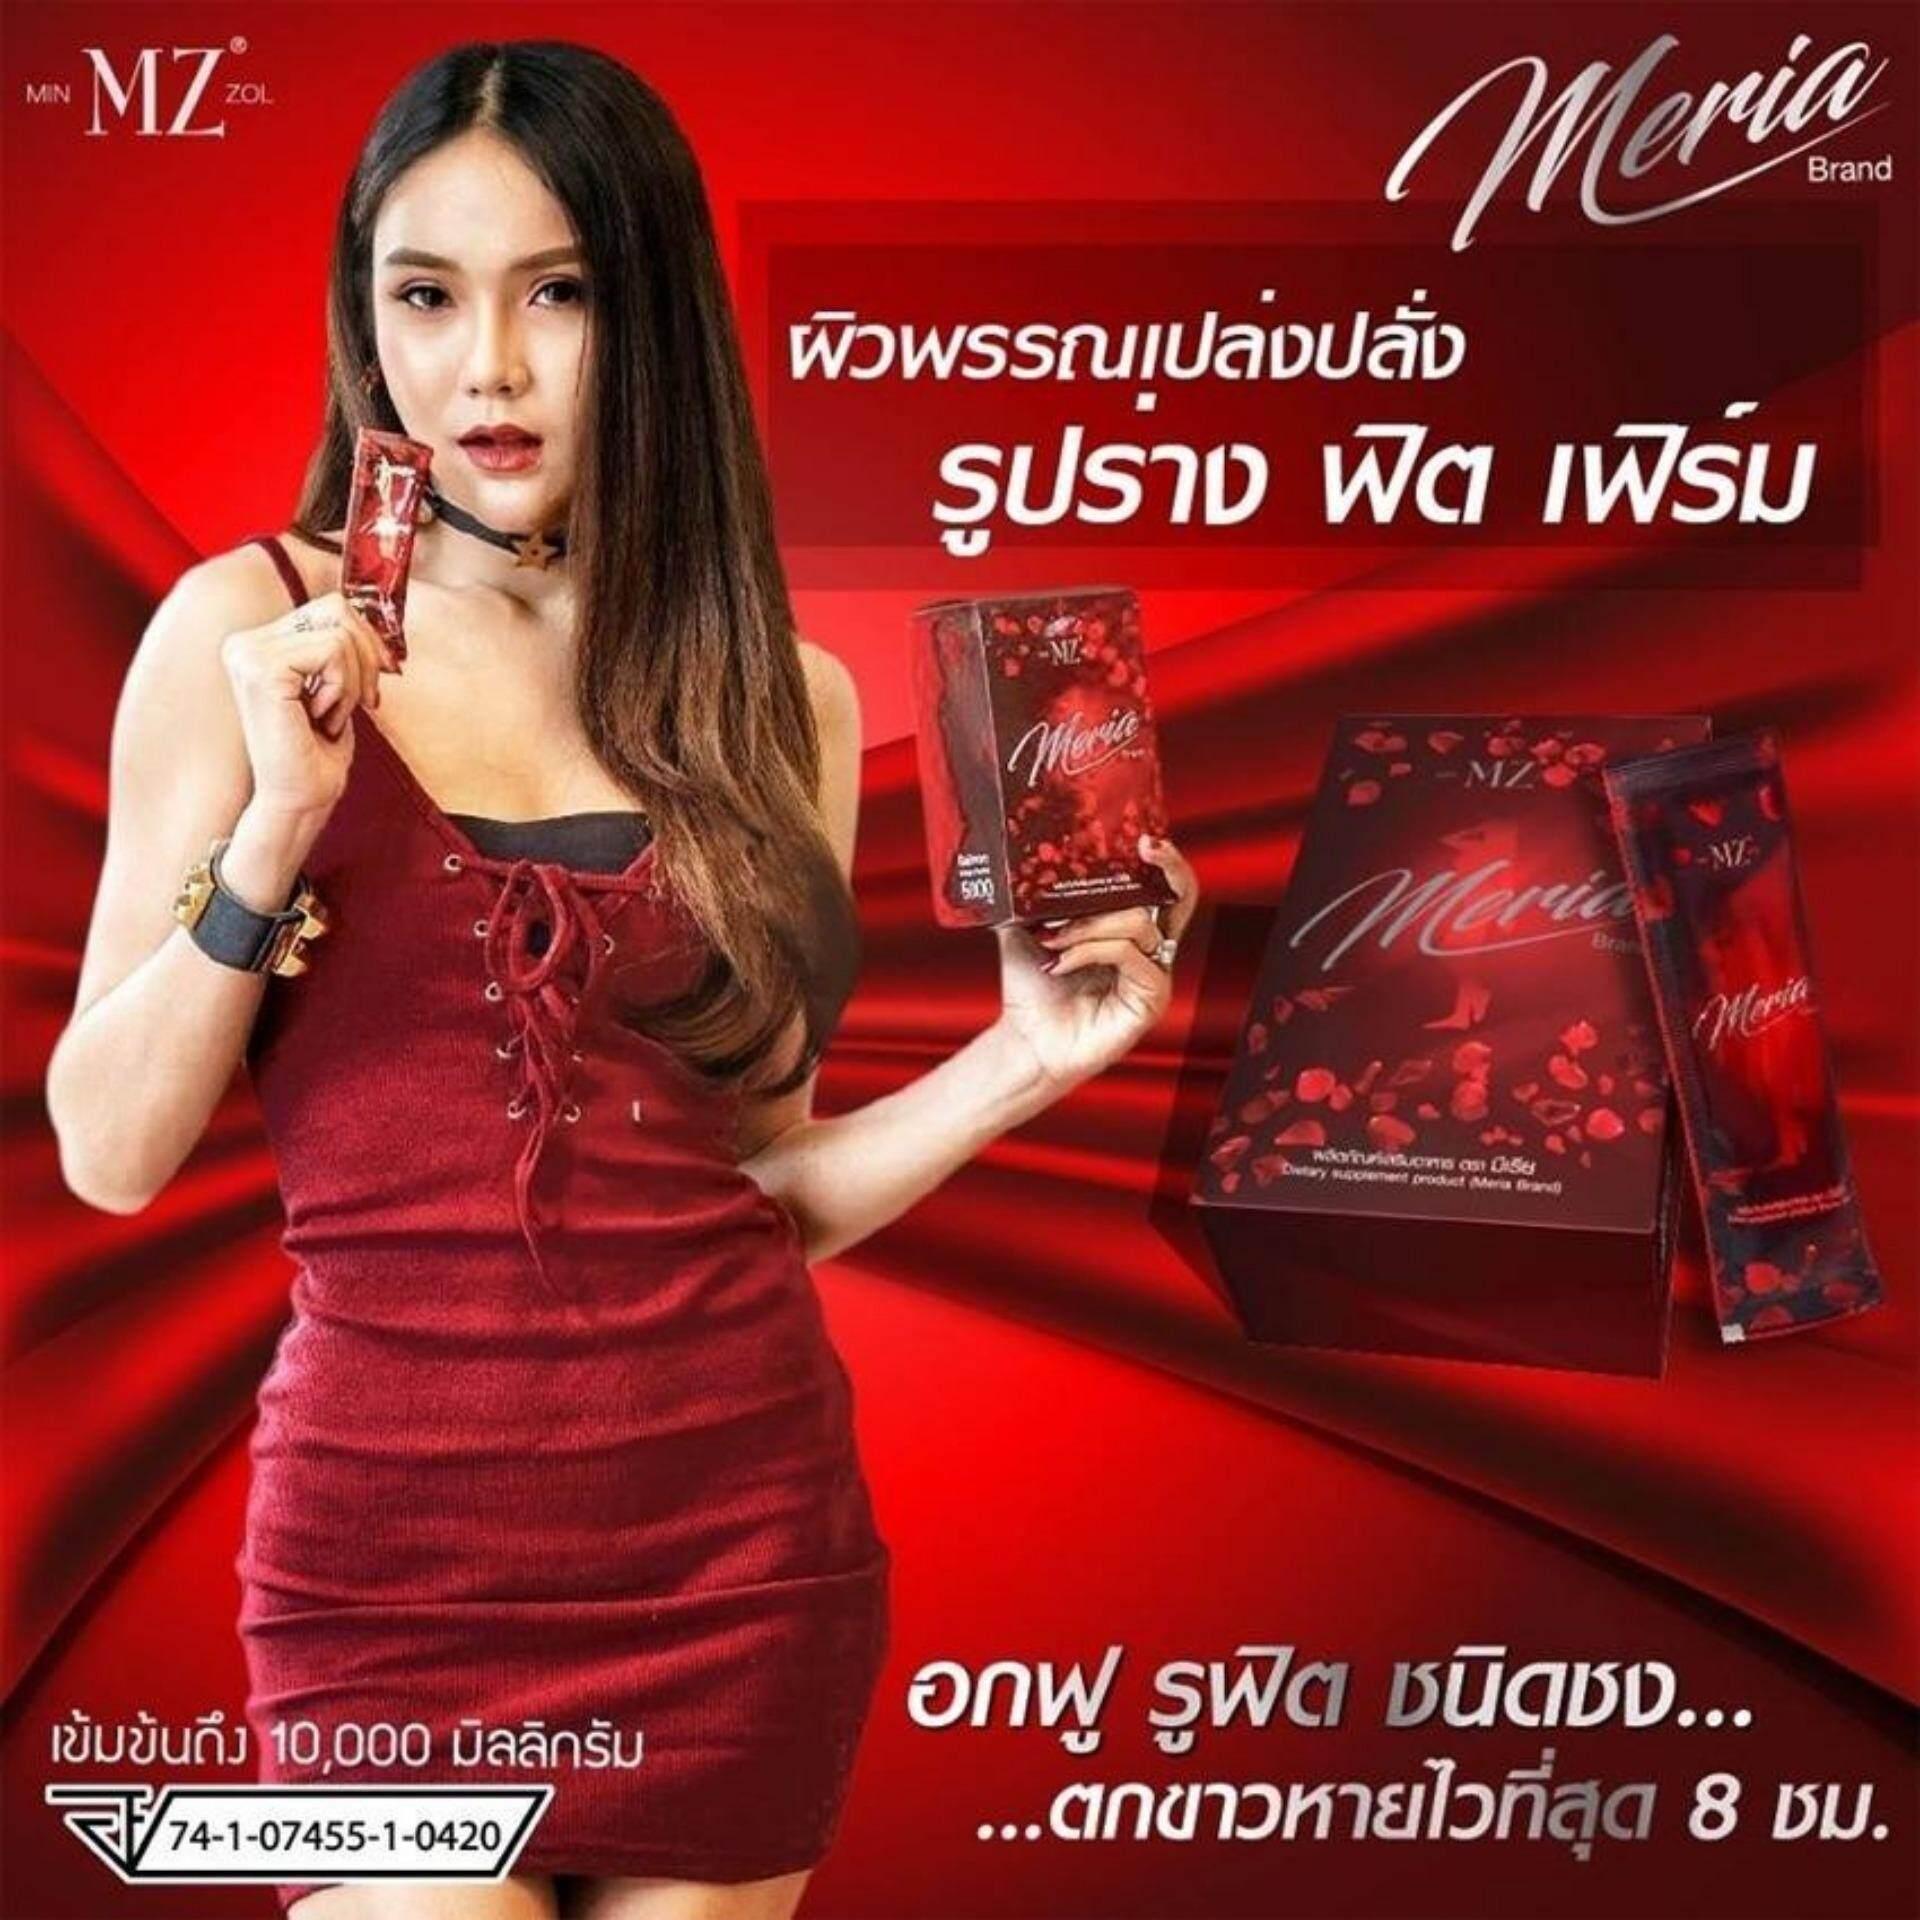 Minzol Meria มินโซว มีเรีย ผลิตภัณฑ์เสริมอาหาร ผิวพรรณเปล่งปลั่ง อกฟู รูฟิต รูปร่าง เฟิร์ม กระชับ ขนาด 15 ซอง X 1 กล่อง เป็นต้นฉบับ